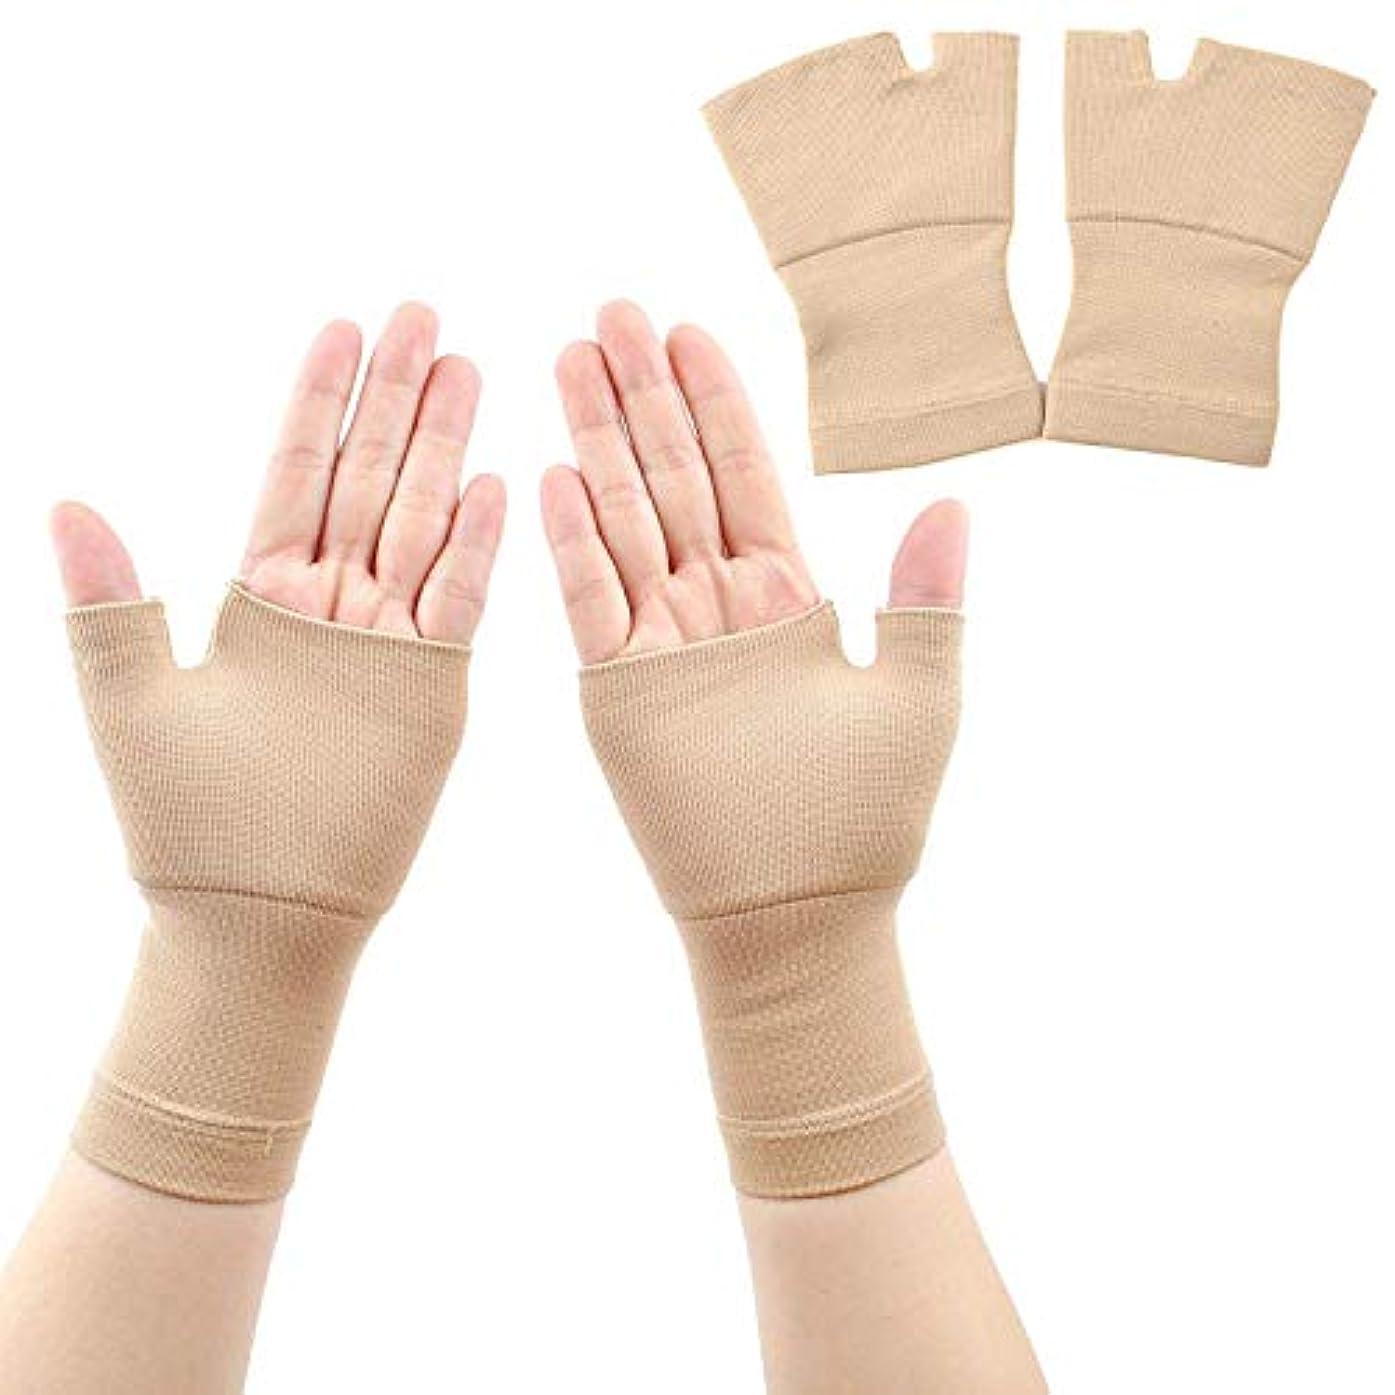 無傷代数的ペルセウステニスジムスポーツ腱鞘炎のためのスポーツの包帯リストバンドハンドジムのサポート手首ブレース手根管サポート手首の痛みを軽減するリストコンプレッションストラップ,Flesh,S